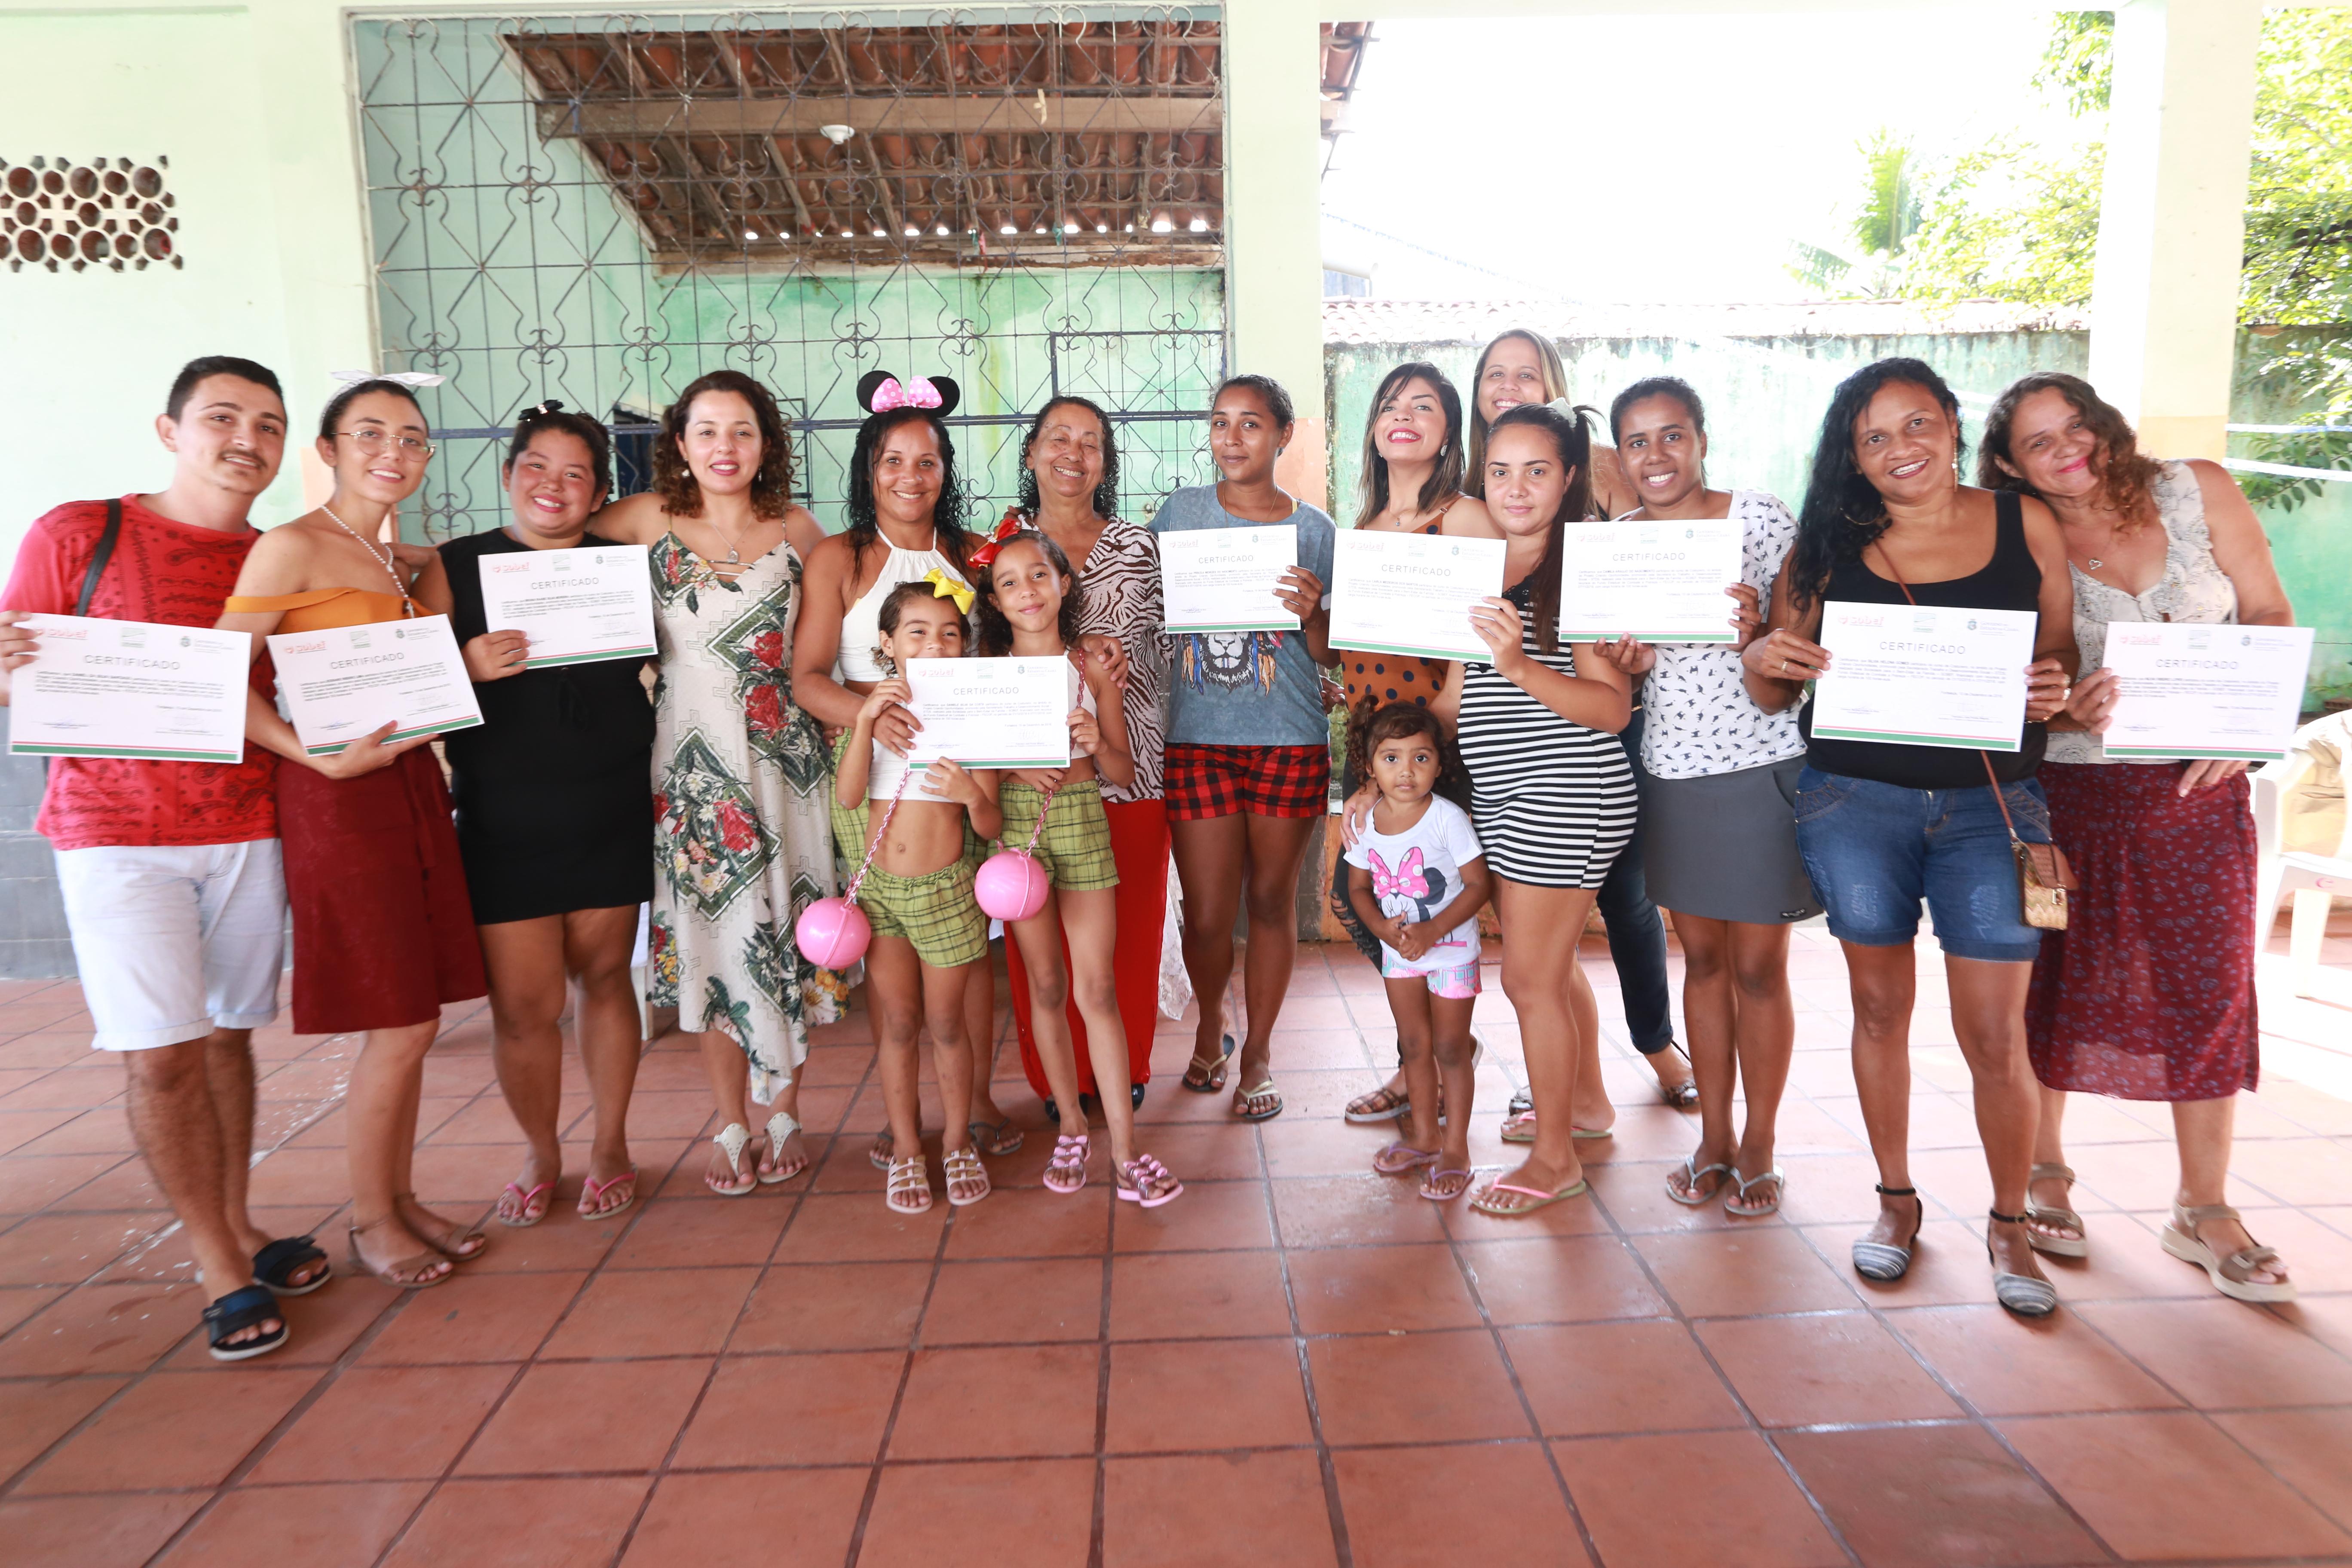 Pacto por um Ceará Pacífico: Projeto Criando Oportunidades certifica moradores do Bom Jardim no curso de corte e costura